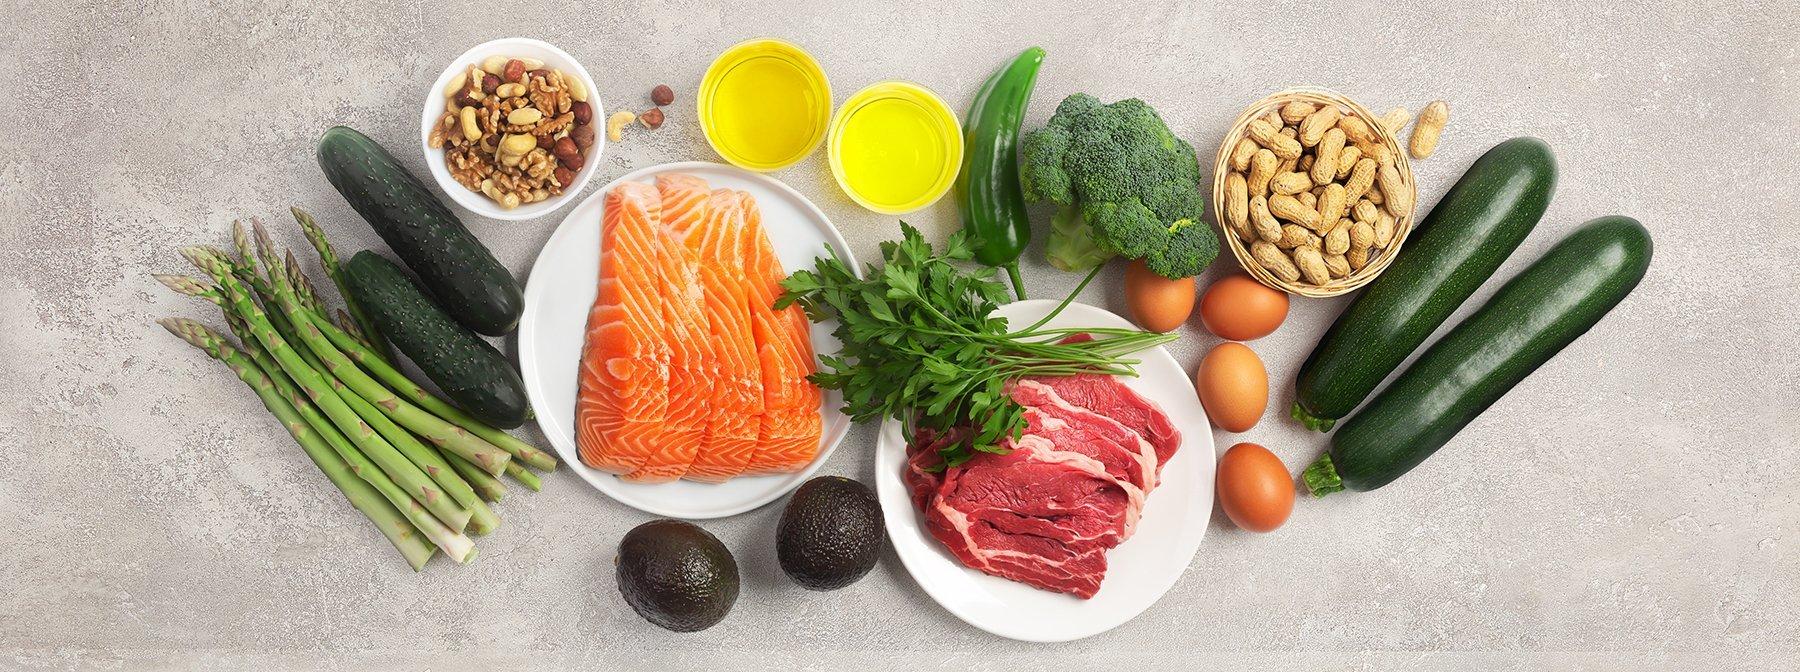 Ketogén ételek | Így étkezz a ketogén diéta alatt!